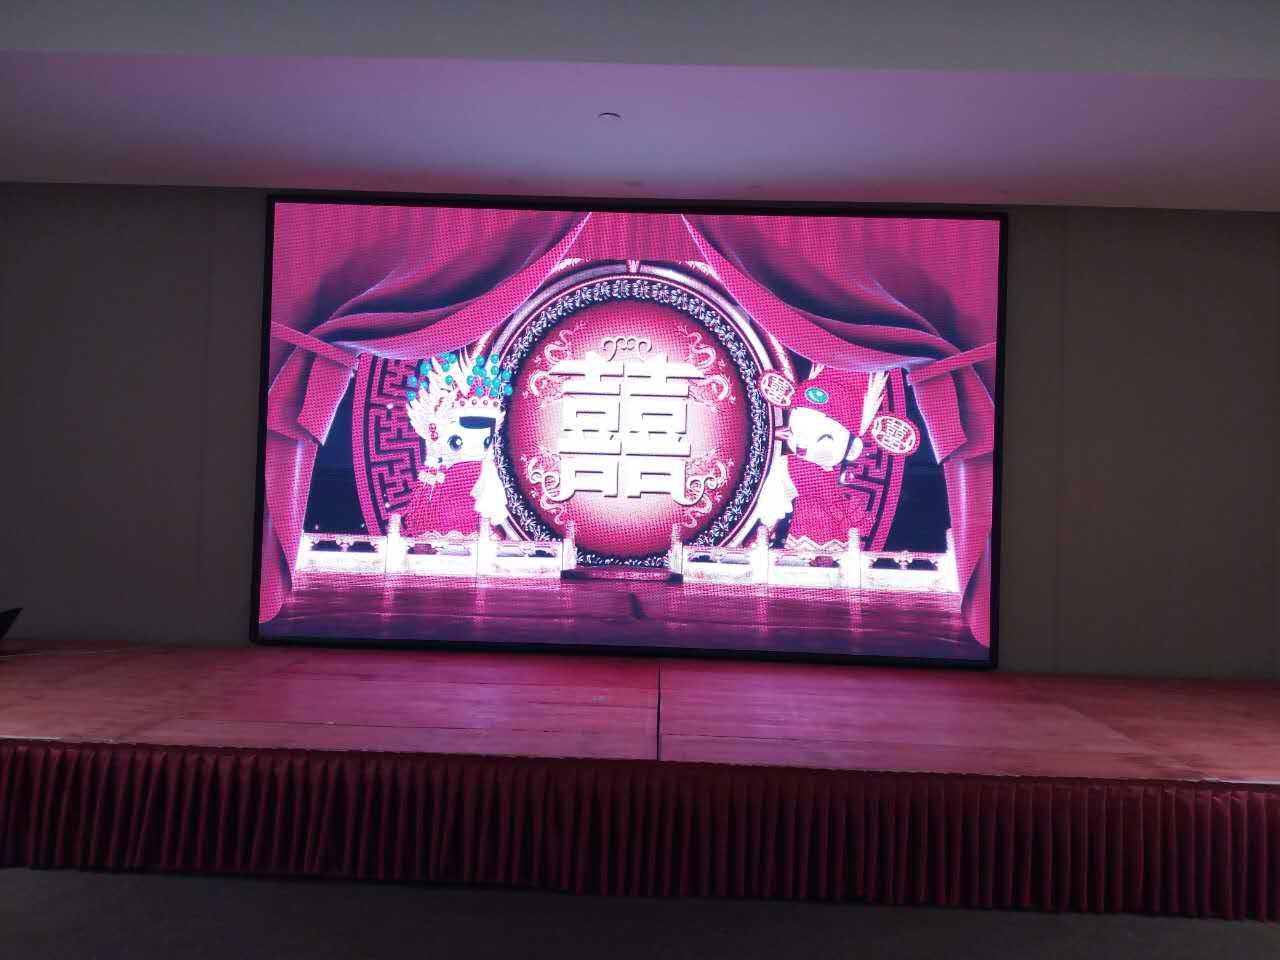 淮北LED透明屏厂家直供 值得信赖 合肥龙发智能科技供应